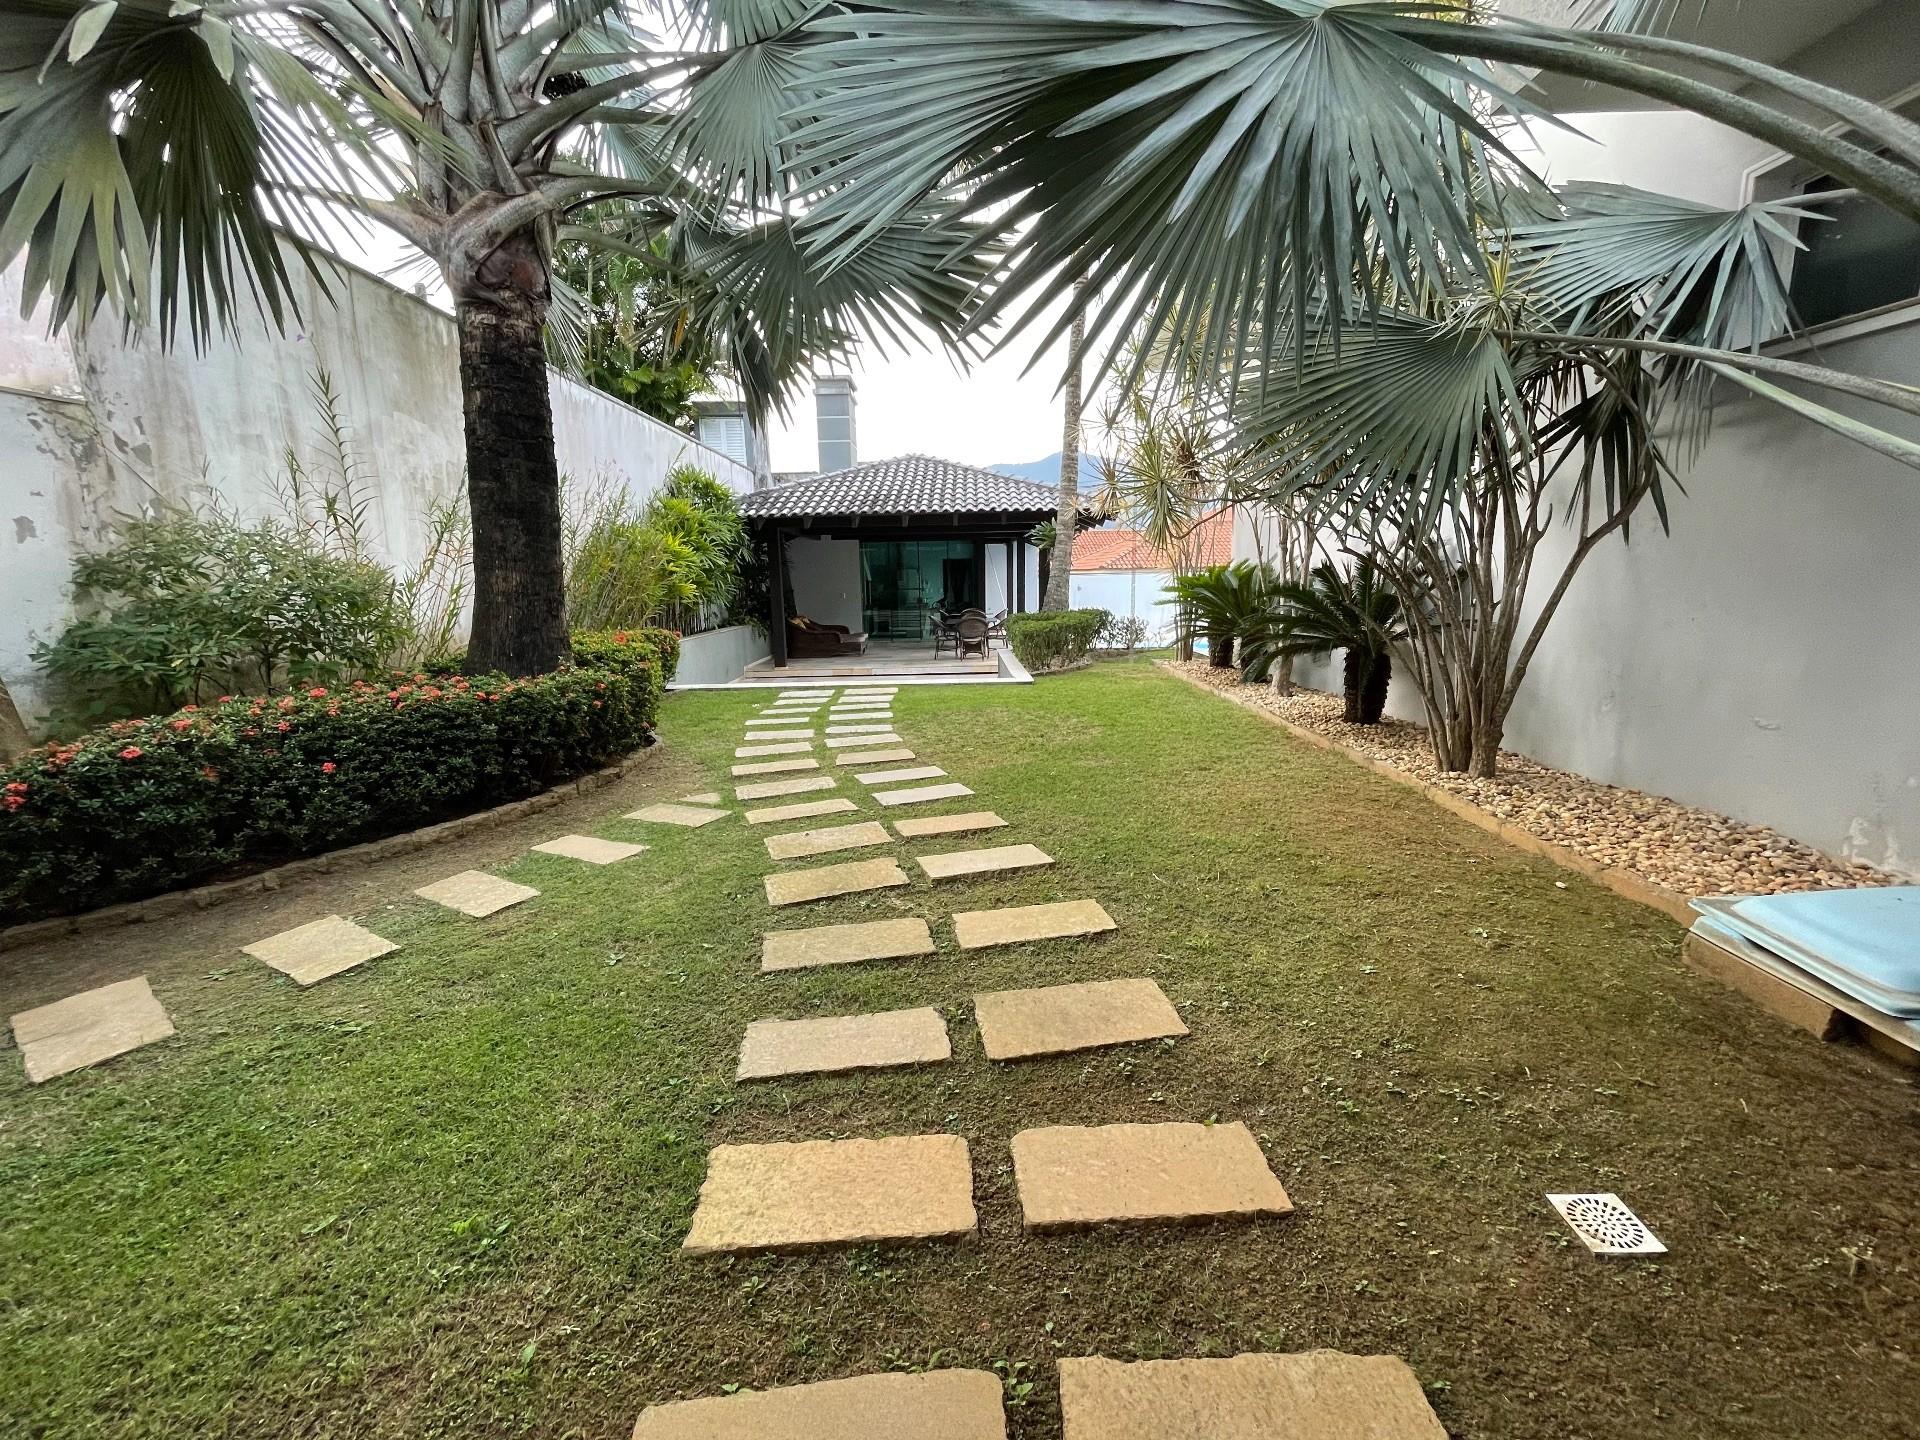 Casa em Jaraguá do Sul - SC